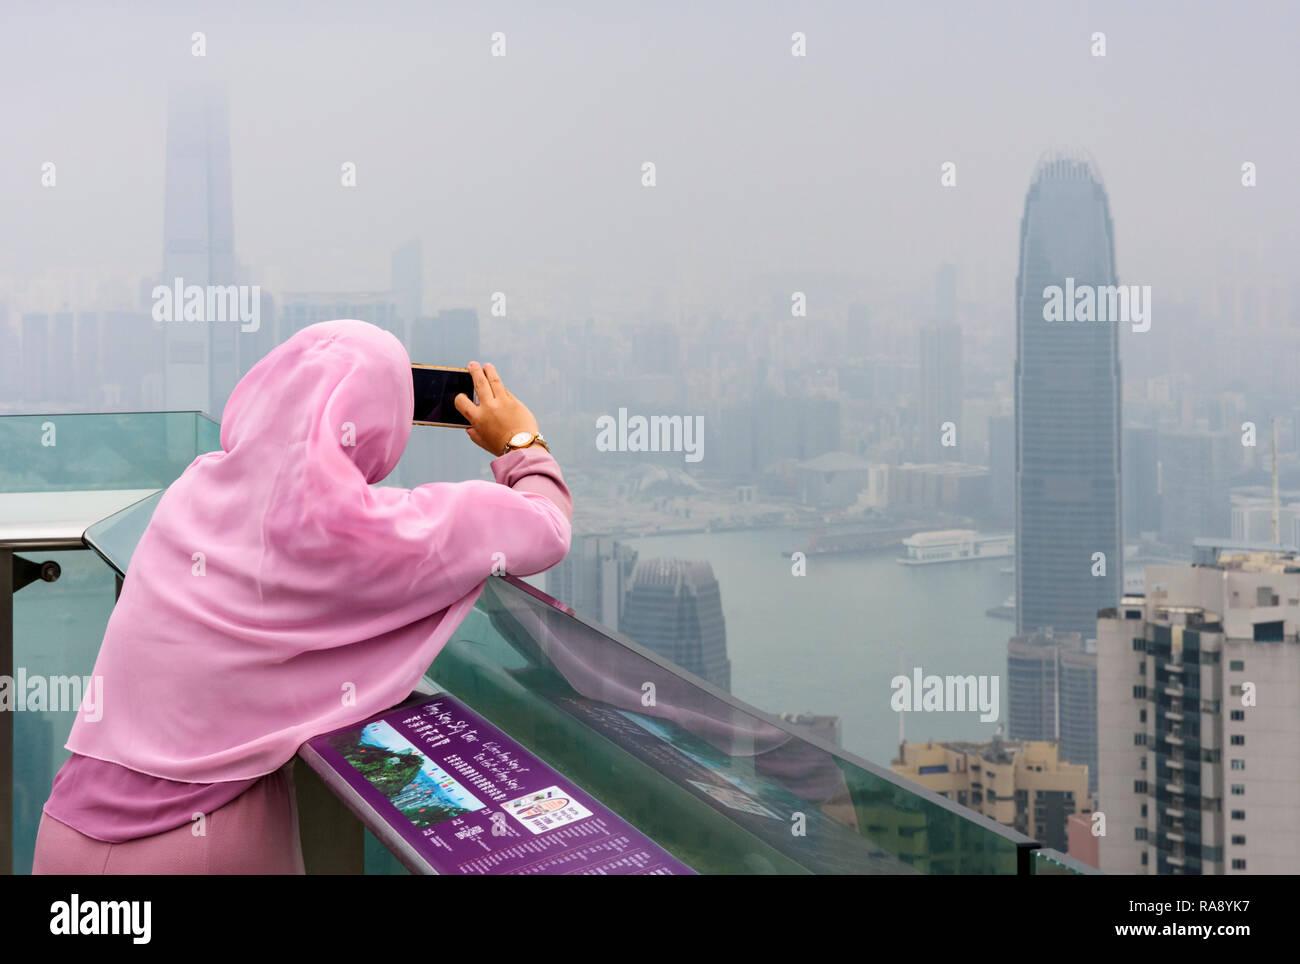 Mujer toma una foto del teléfono móvil en la cubierta de la plataforma de visualización Peak Tower restringido por la neblina de la polución del aire, Hong Kong Imagen De Stock